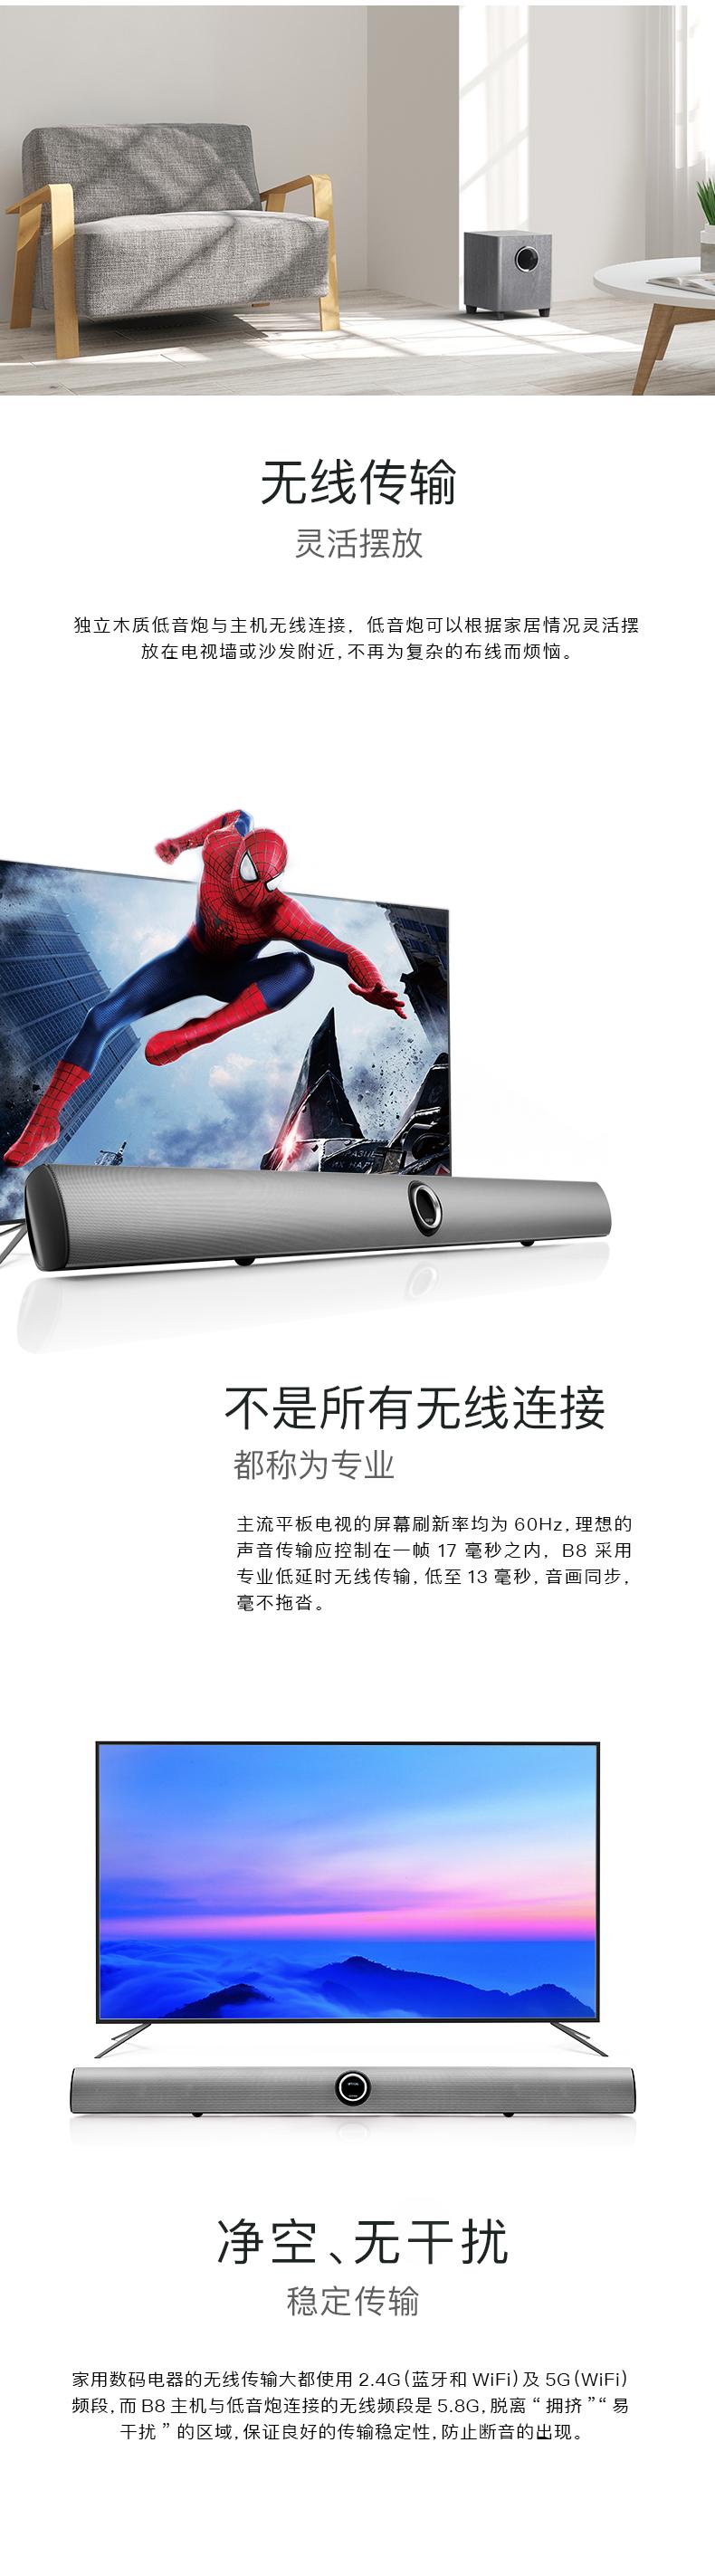 漫步者 Edifier B8 CineSound Soundbar Speaker System 音响系统 音箱 支持蓝牙